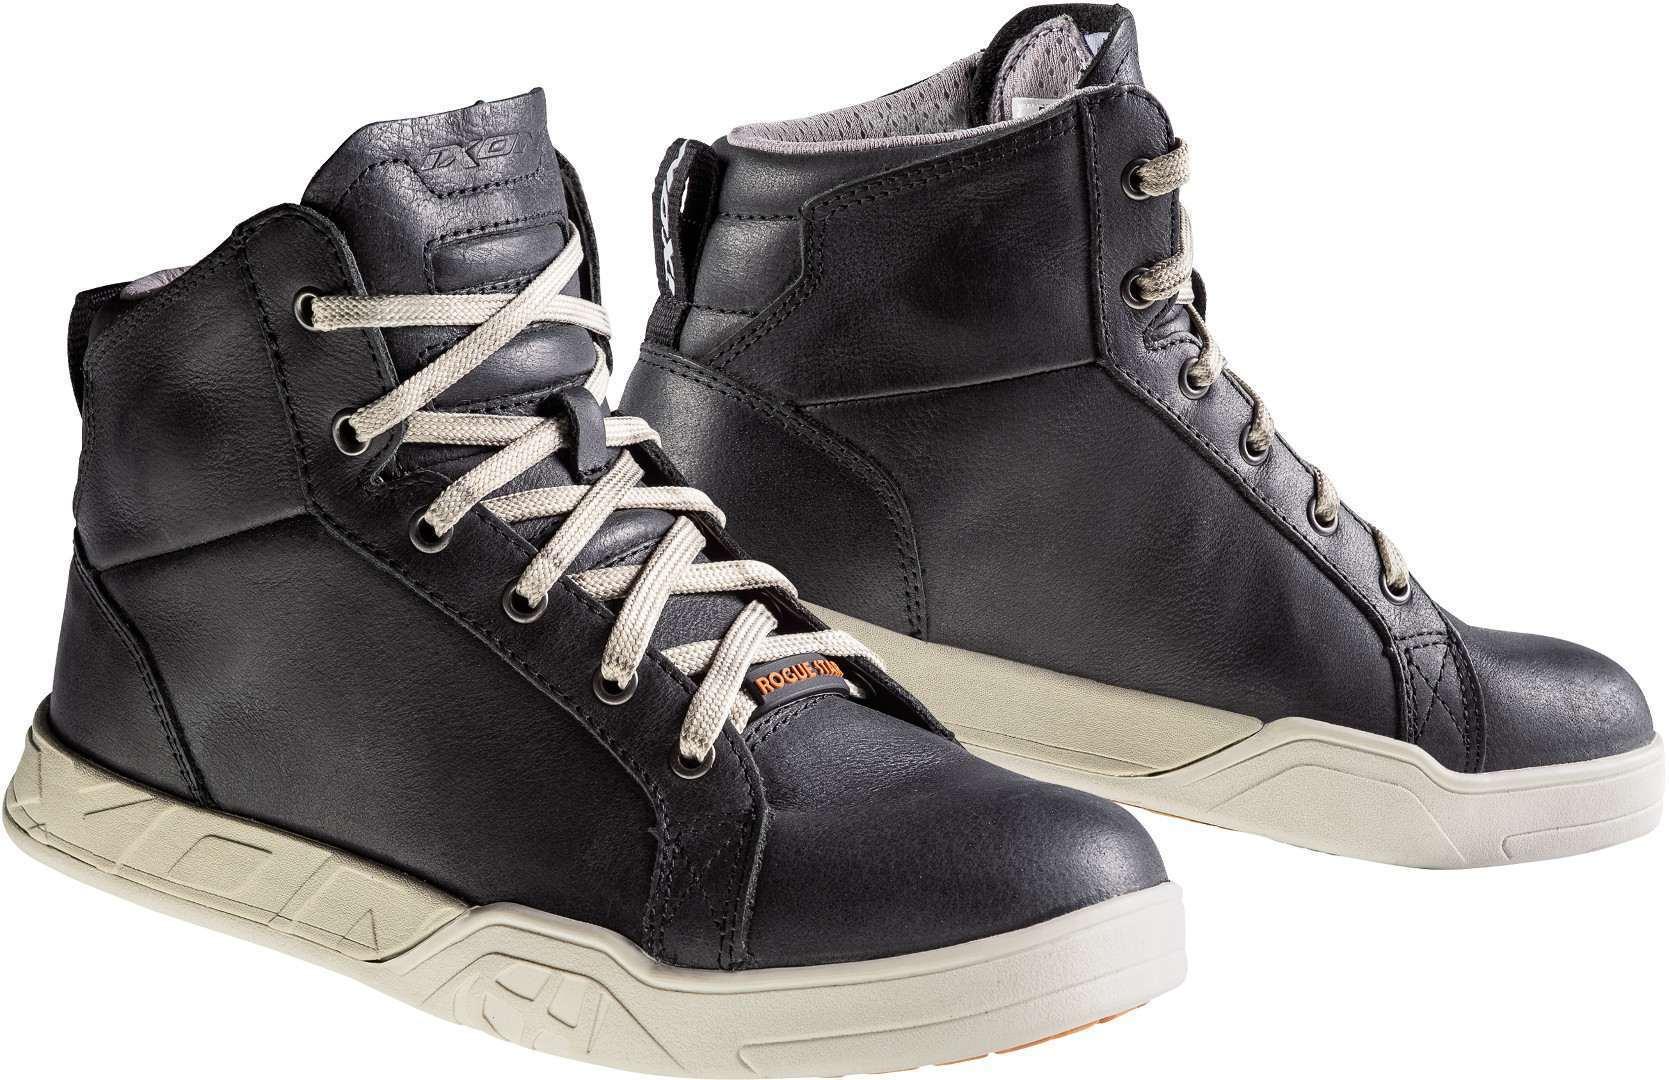 Ixon Rogue Star L Ladies chaussures de moto Noir taille : 35